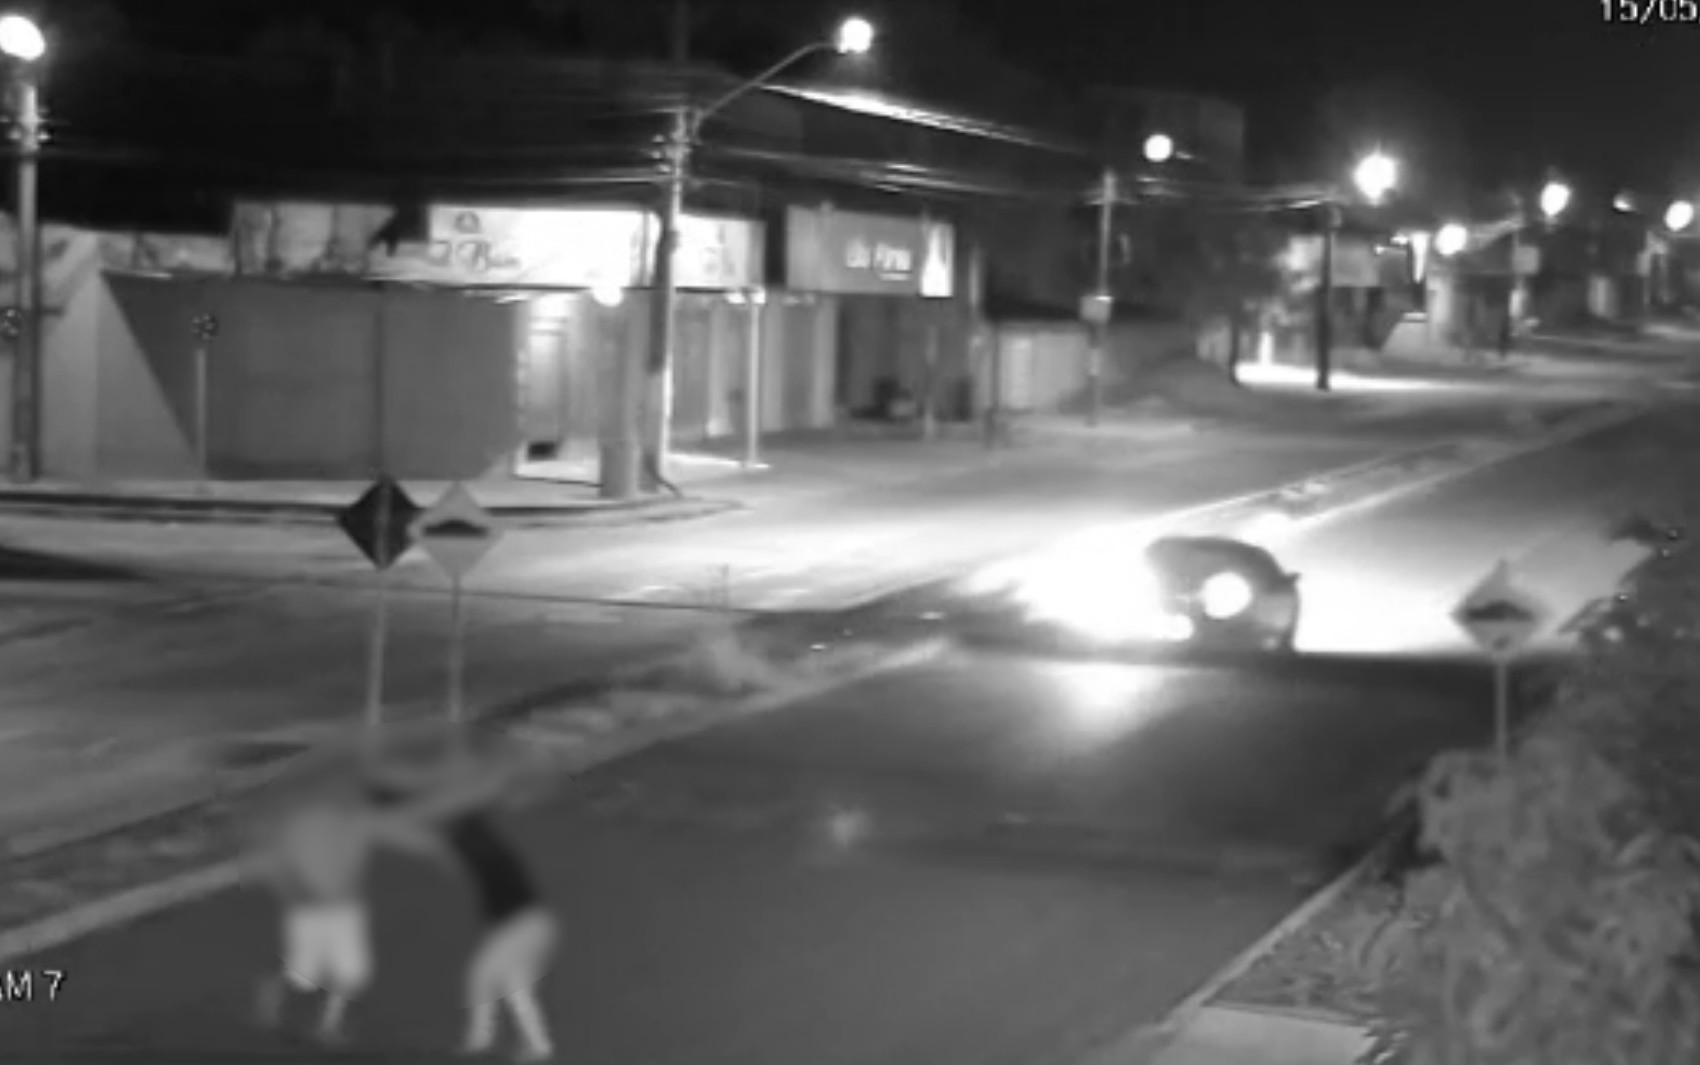 Moradores ouvem gritos de socorro e evitam que jovem fosse estuprada quando ia para o trabalho em Trindade; vídeo